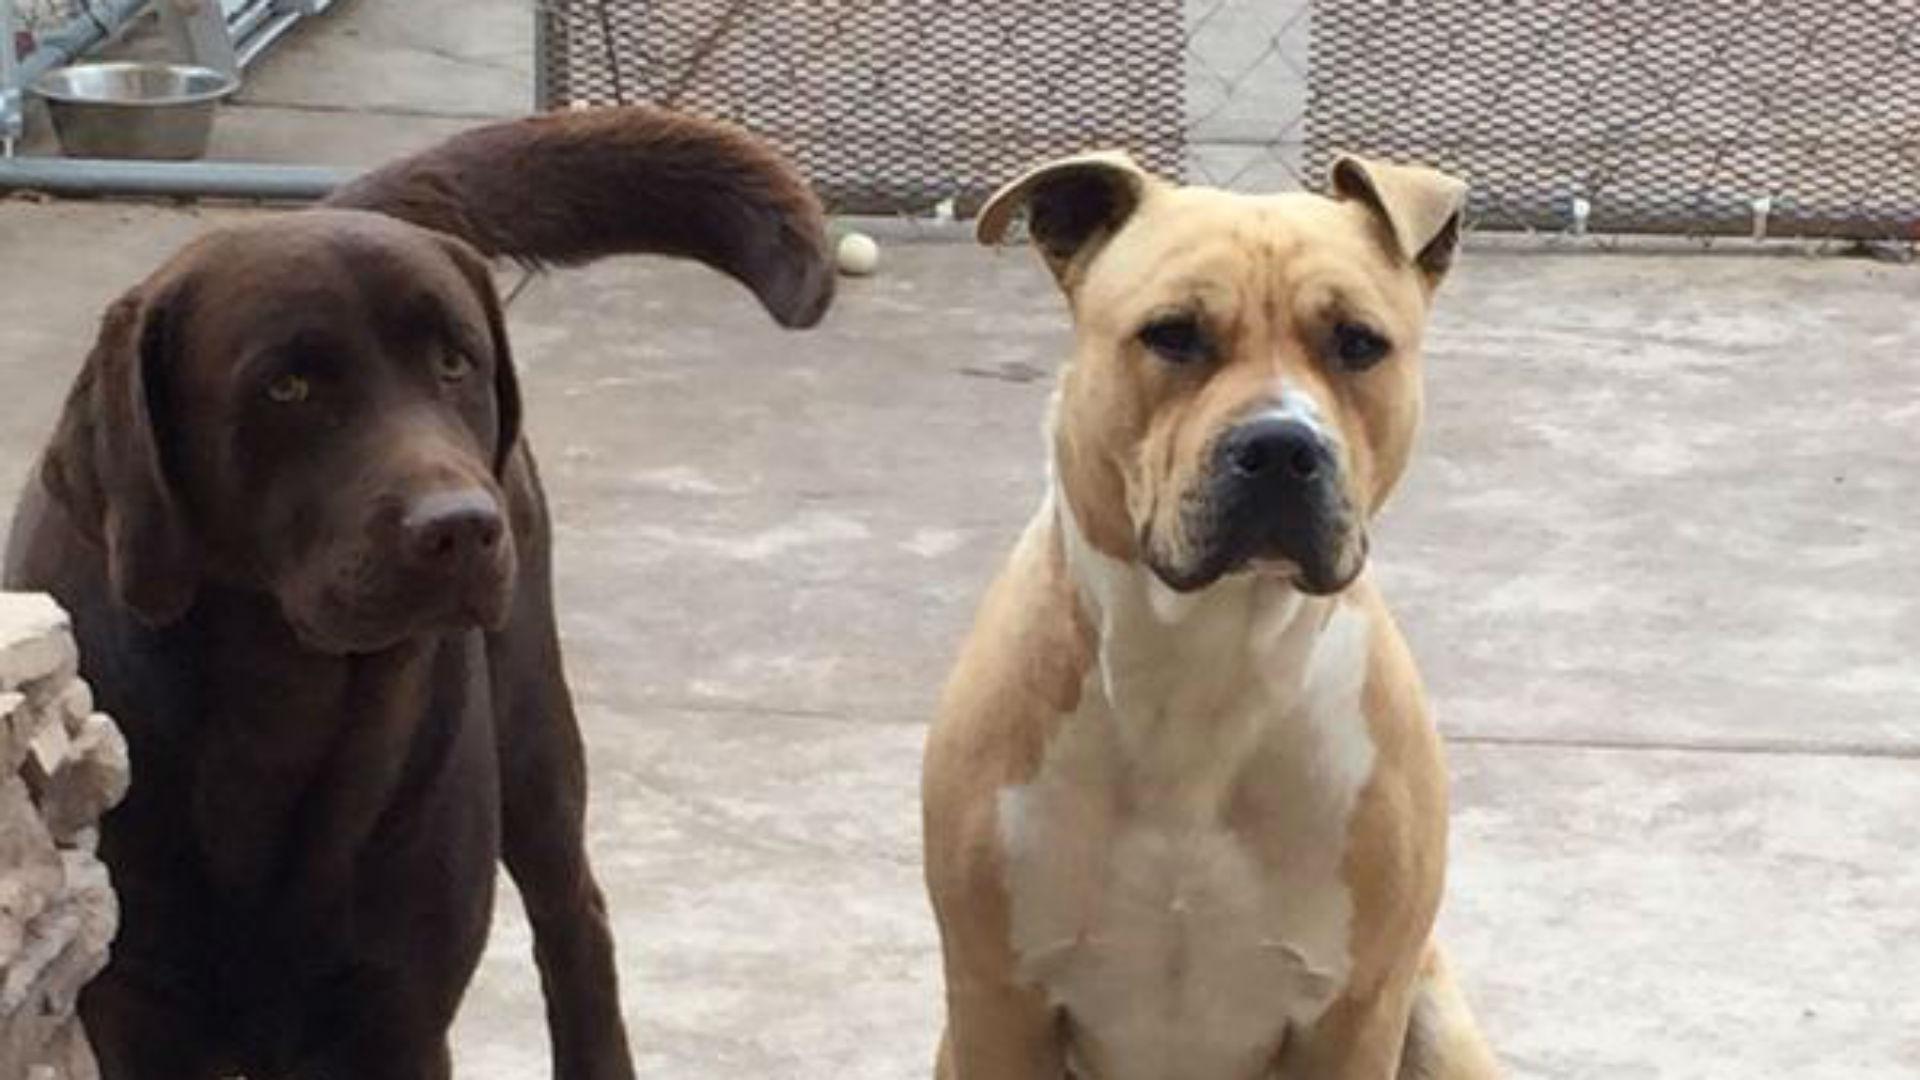 kenny-stills-dogs-051915-ftr-twitter.jpg